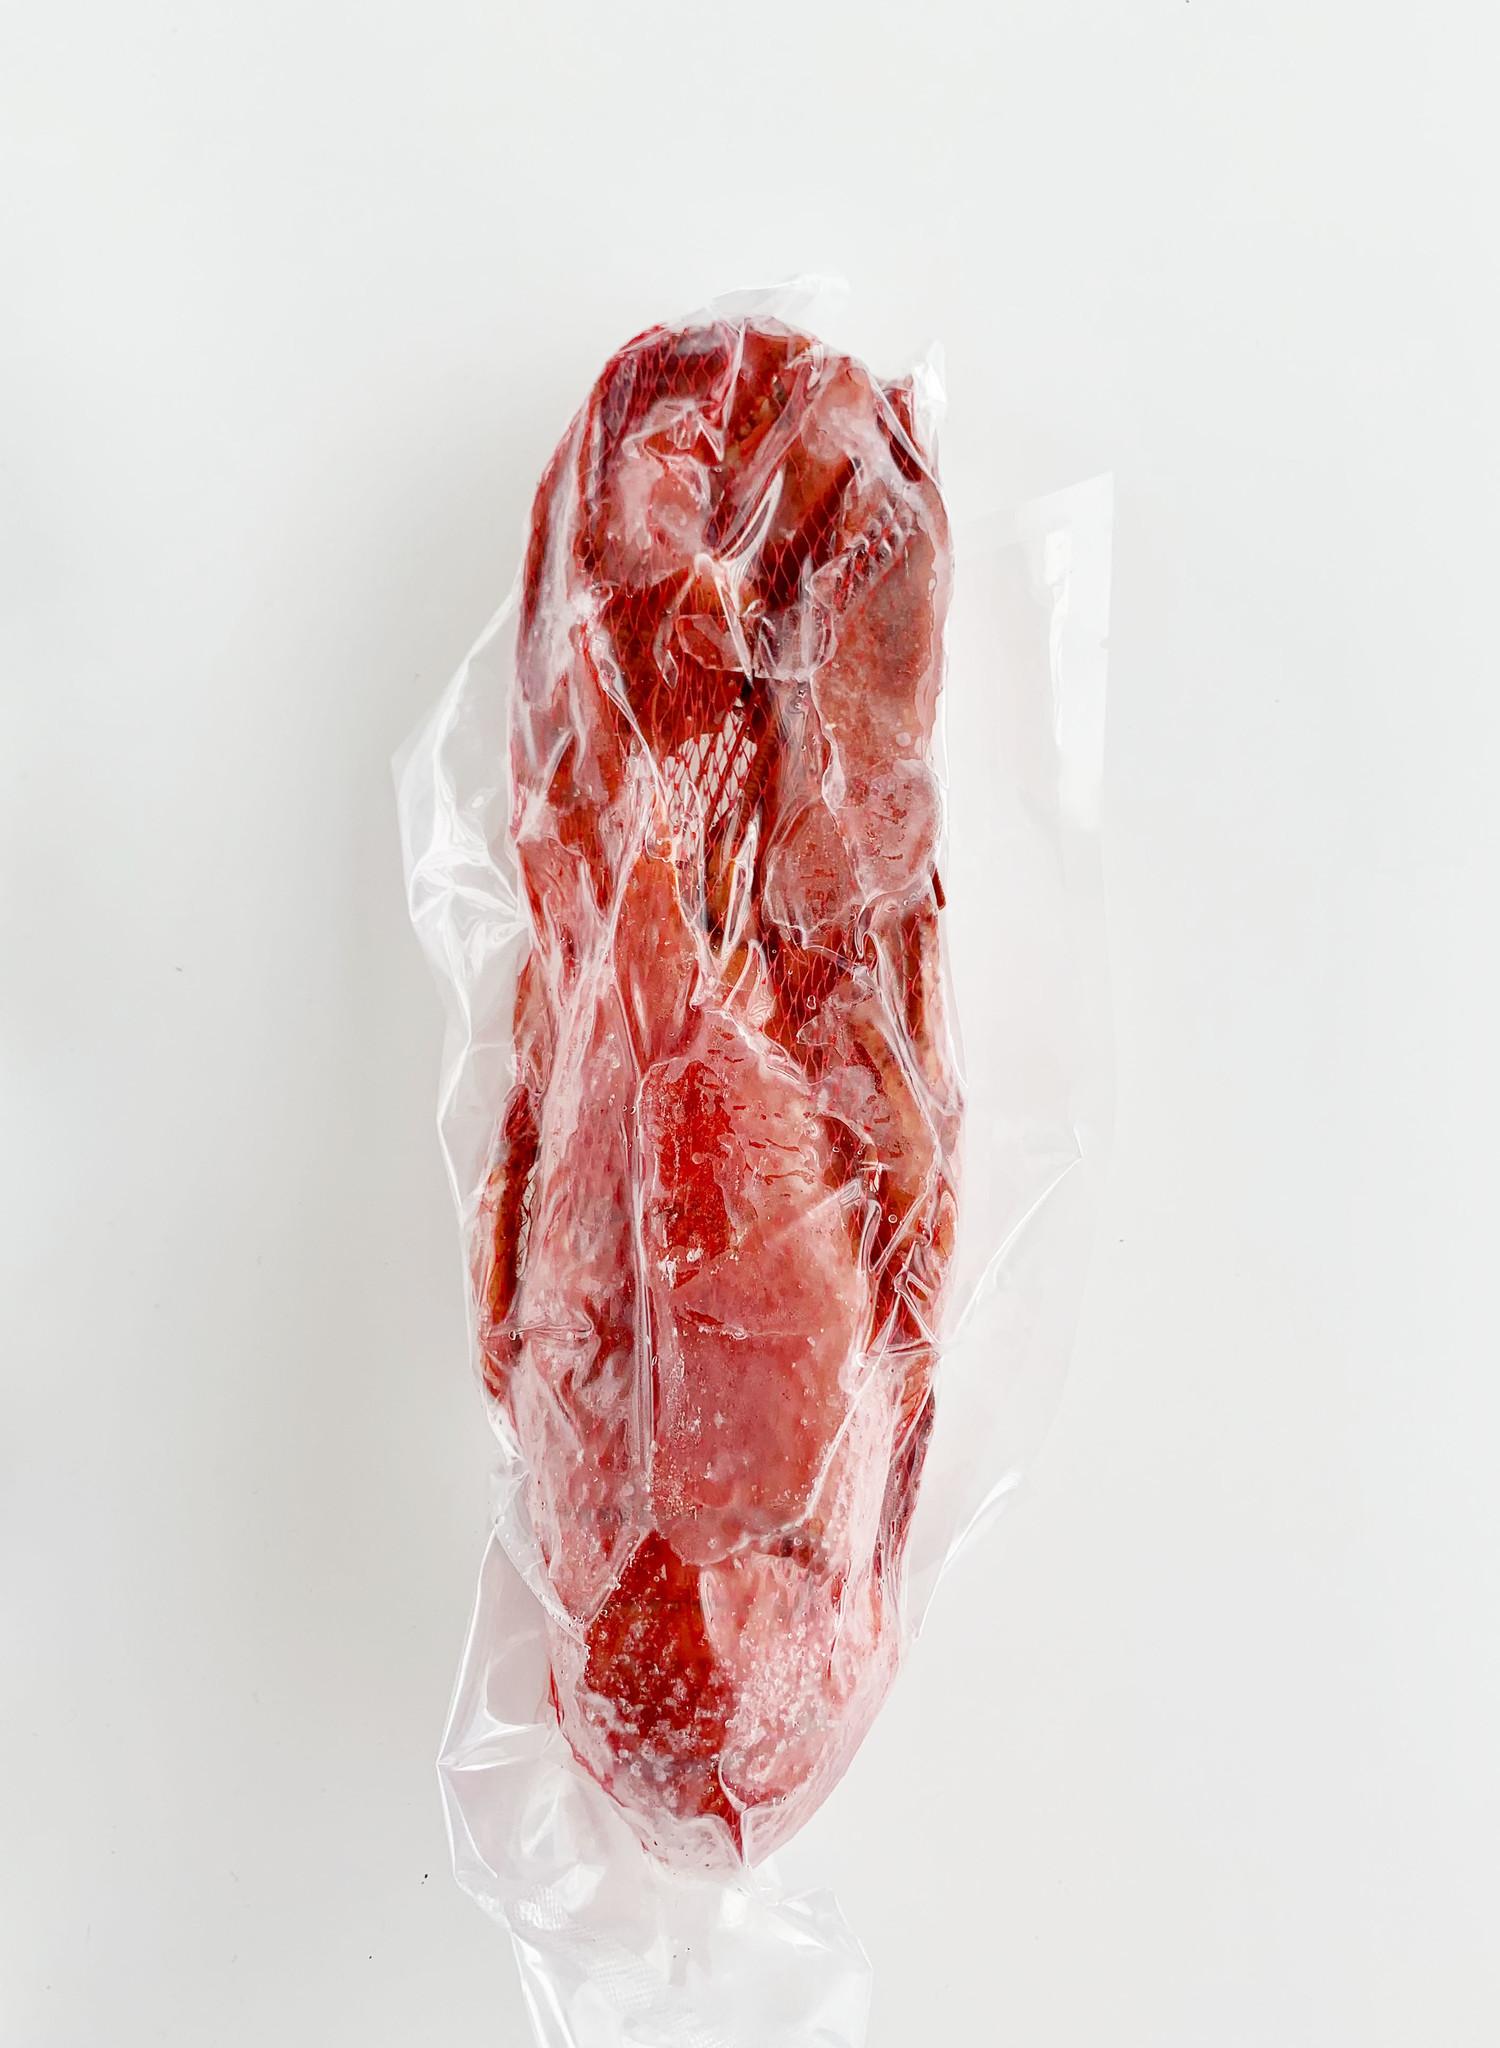 Homard cuit de Gaspésie (1 livre à 1-1/4 livre)